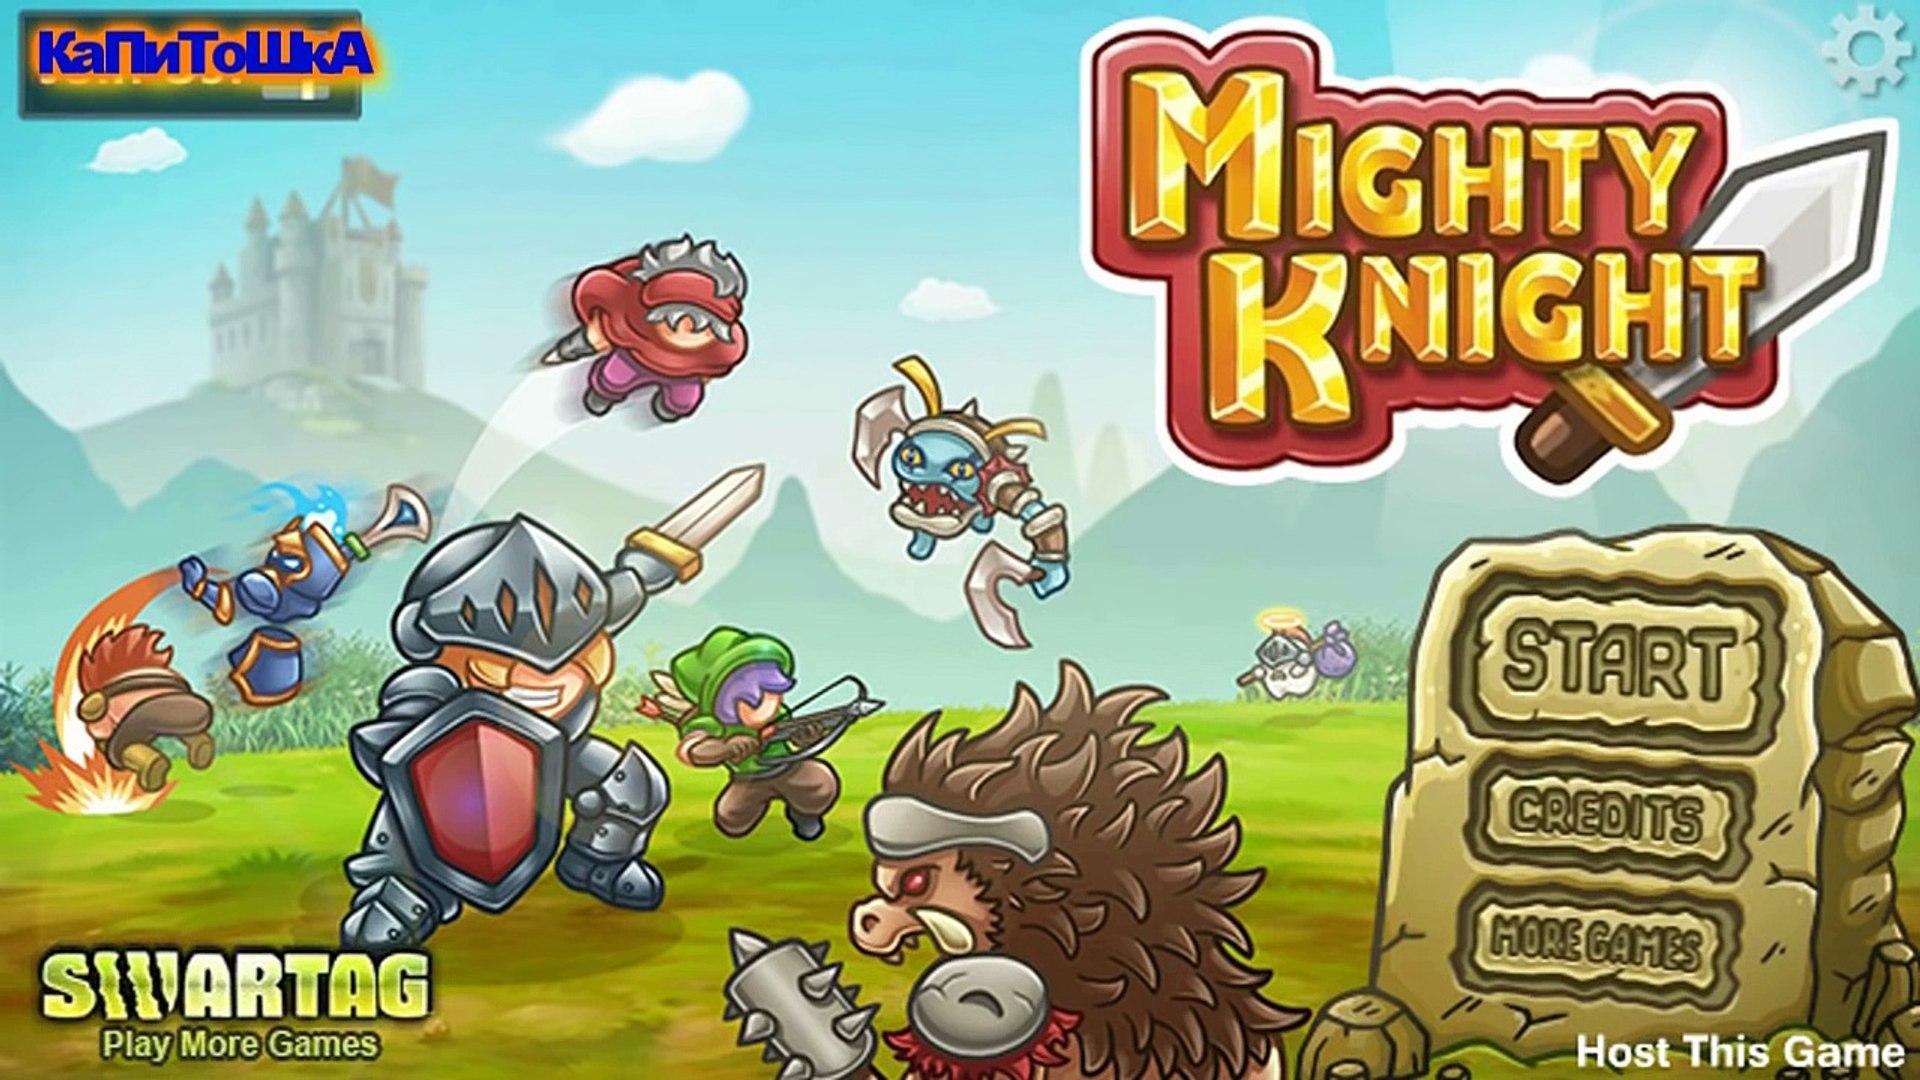 Флеш игра Могучий рыцарь/game Mighty Knight. Мультик игра для мальчиков.часть 2